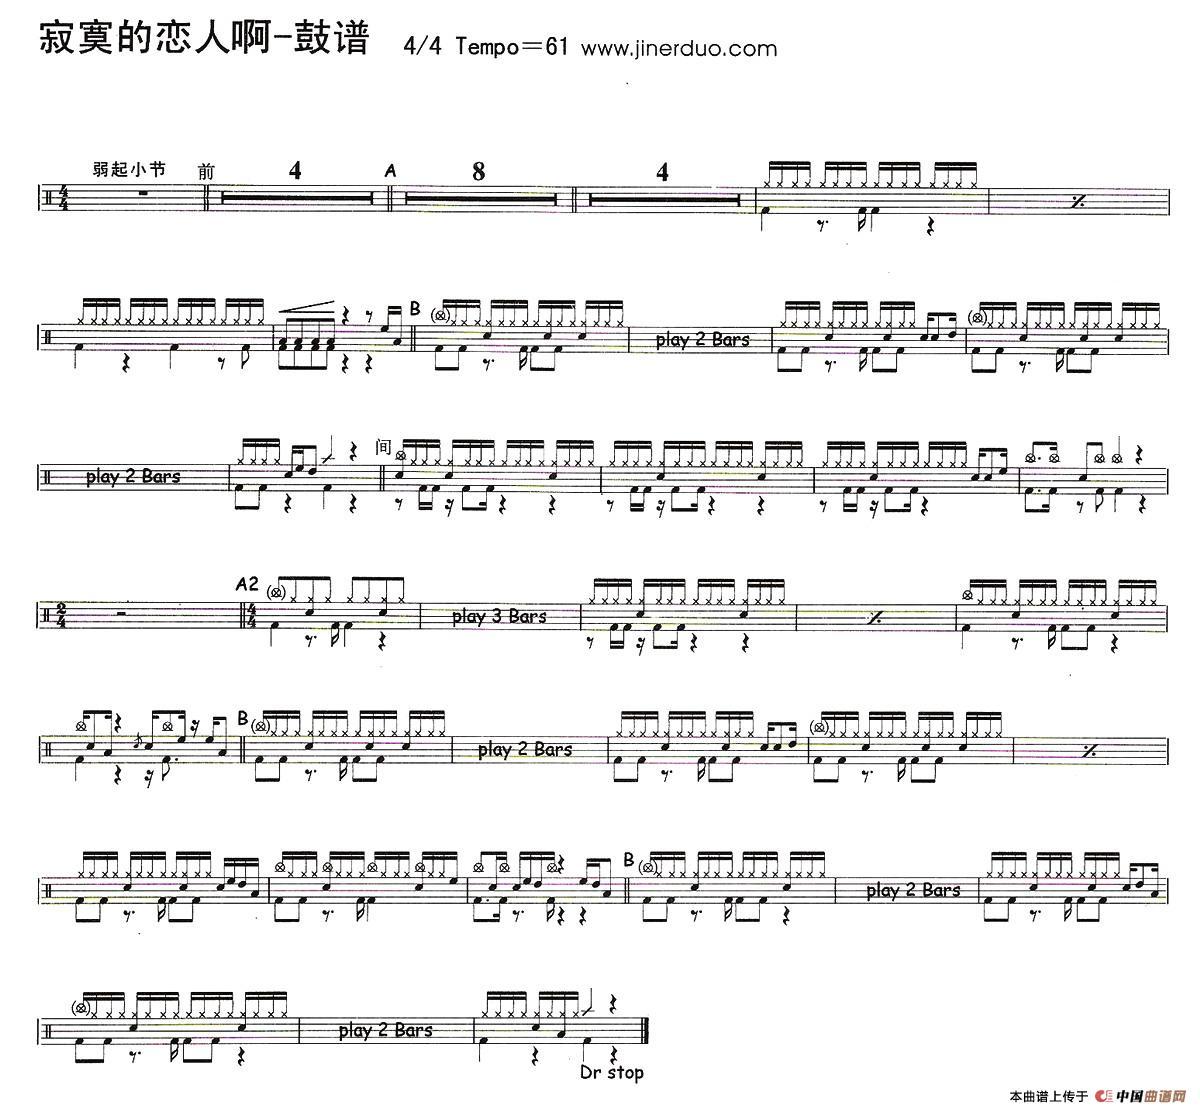 寂寞的恋人啊(架子鼓谱)_器乐乐谱_中国曲谱网